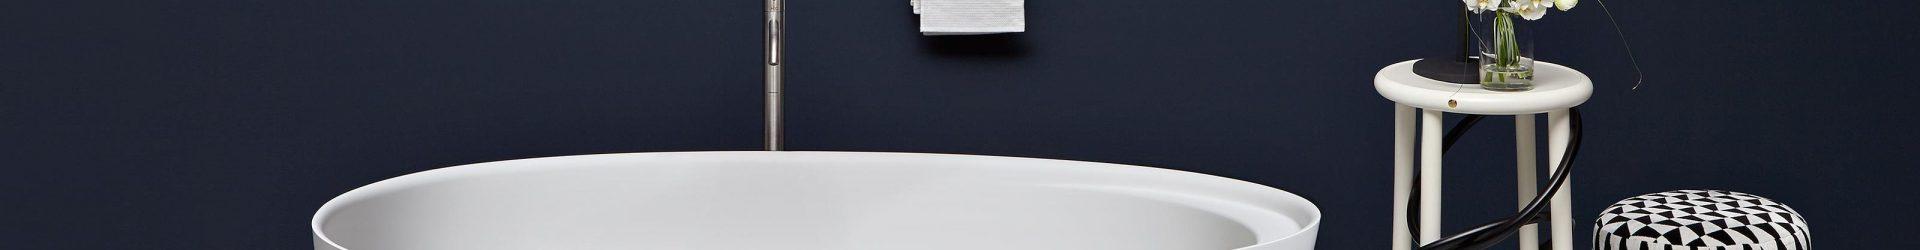 Trasformare il bagno in un regno del benessere: 4 articoli utili da rileggere